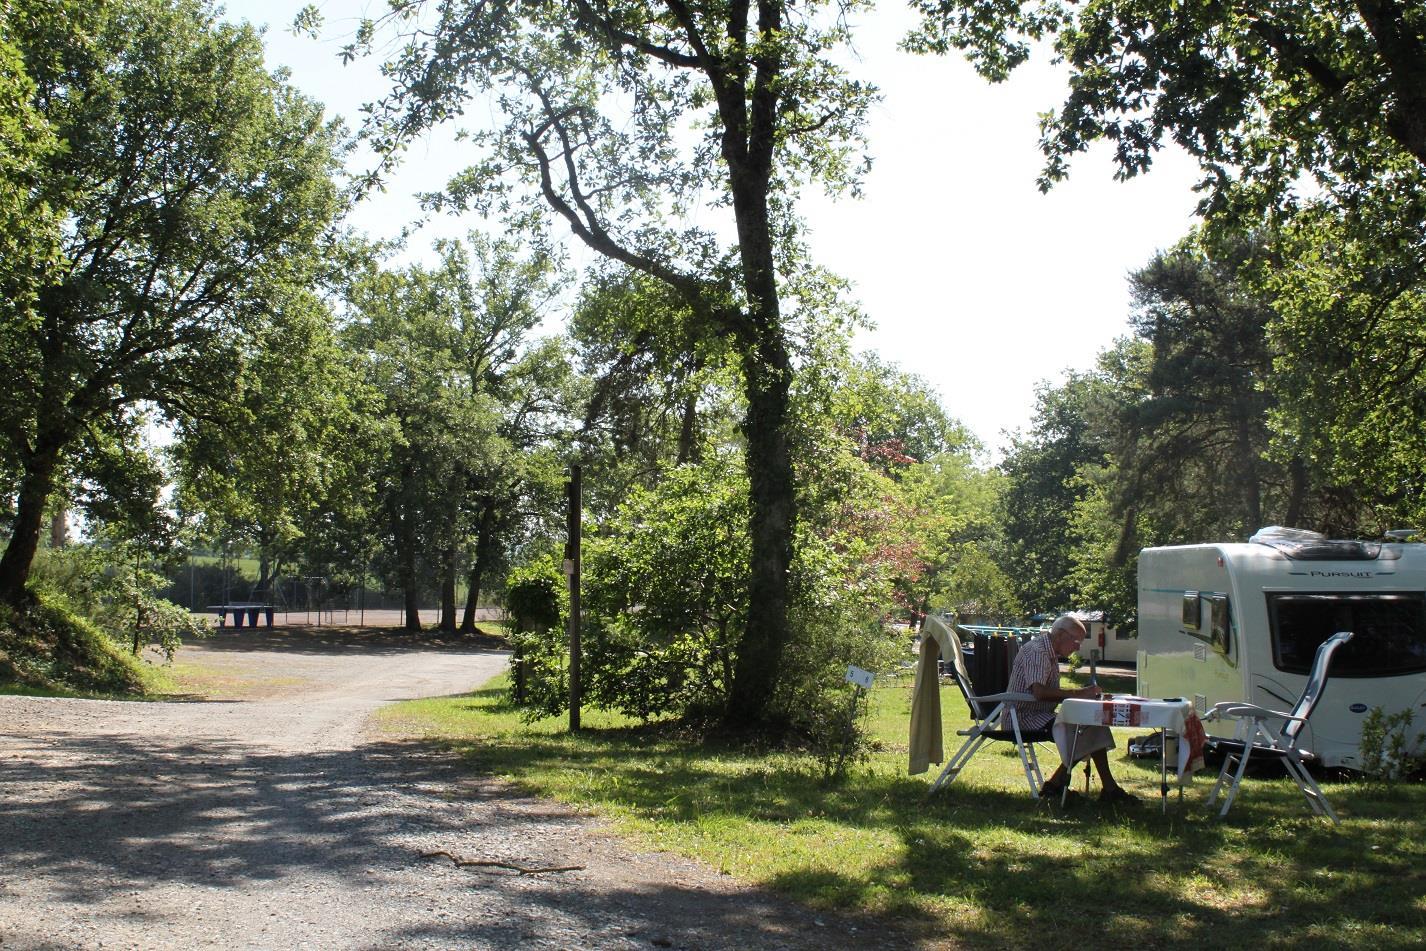 Emplacement - Emplacement Tente/Caravane/Camping-Car - Proche Piscine Et Services - - Camping Domaine Lacs de Gascogne